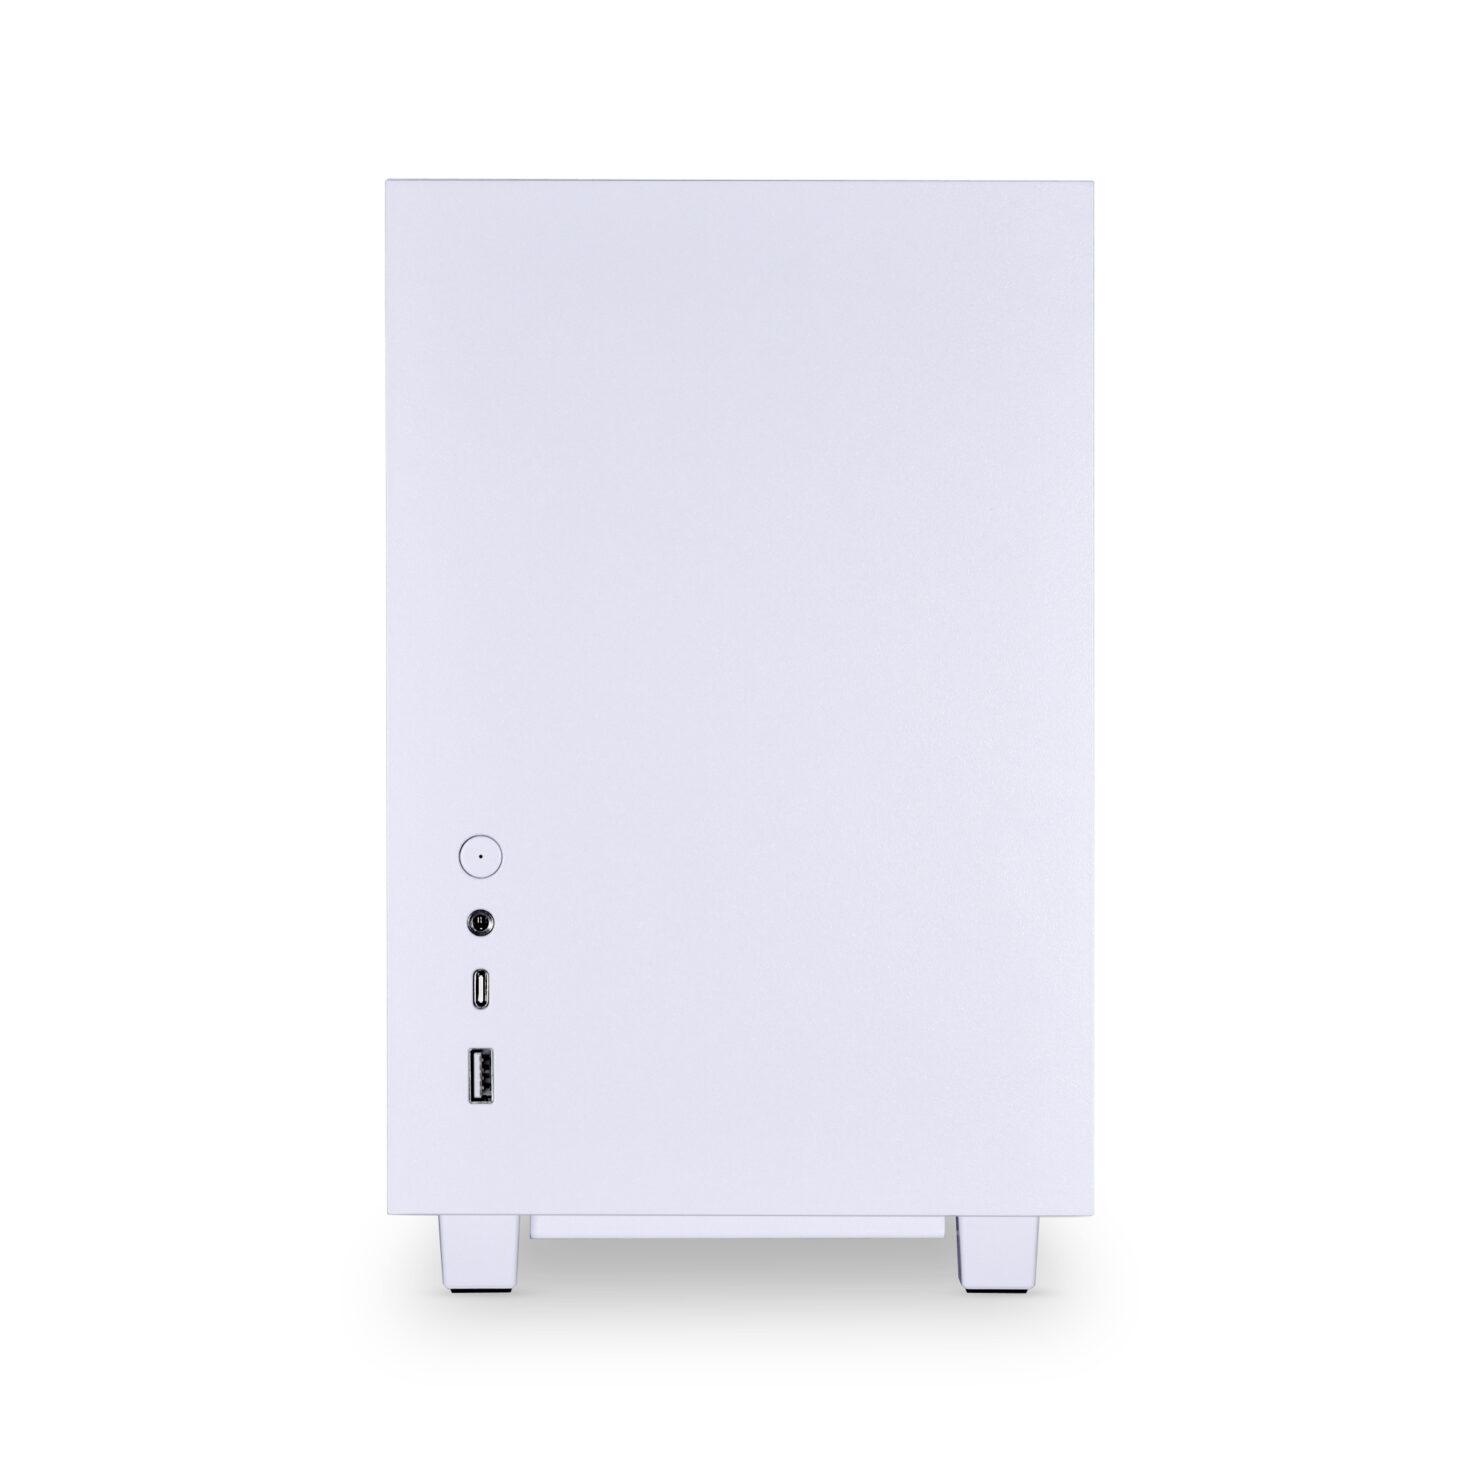 q58-white-02